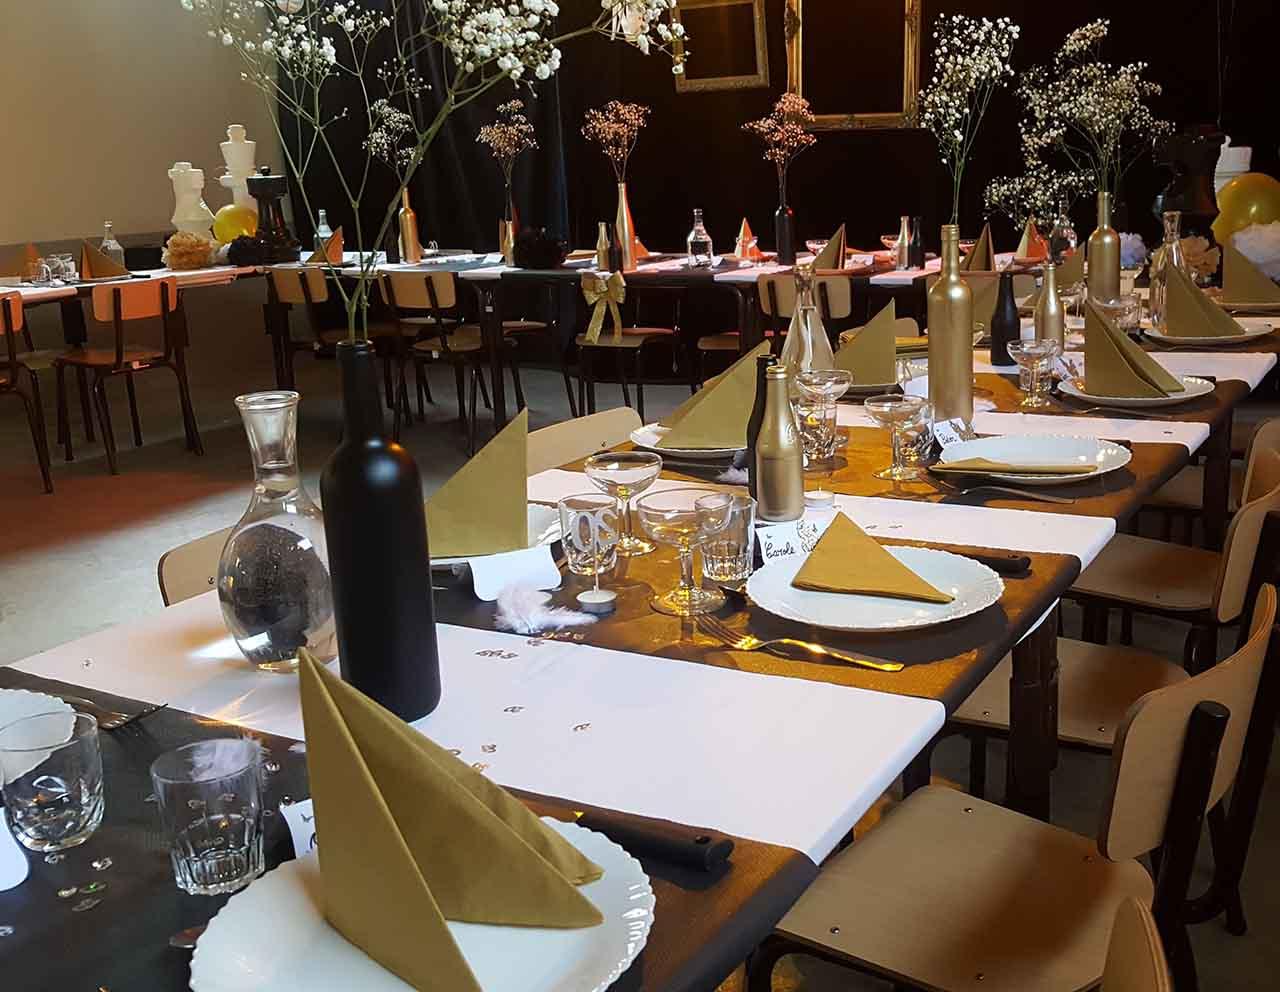 Objets de décorations pour mariage - Décoration Ballons et diverses pour vos festivités en Hautes Pyrénées (65),Gers (32), Landes (40) et Pyrénées-Atlantiques (64)